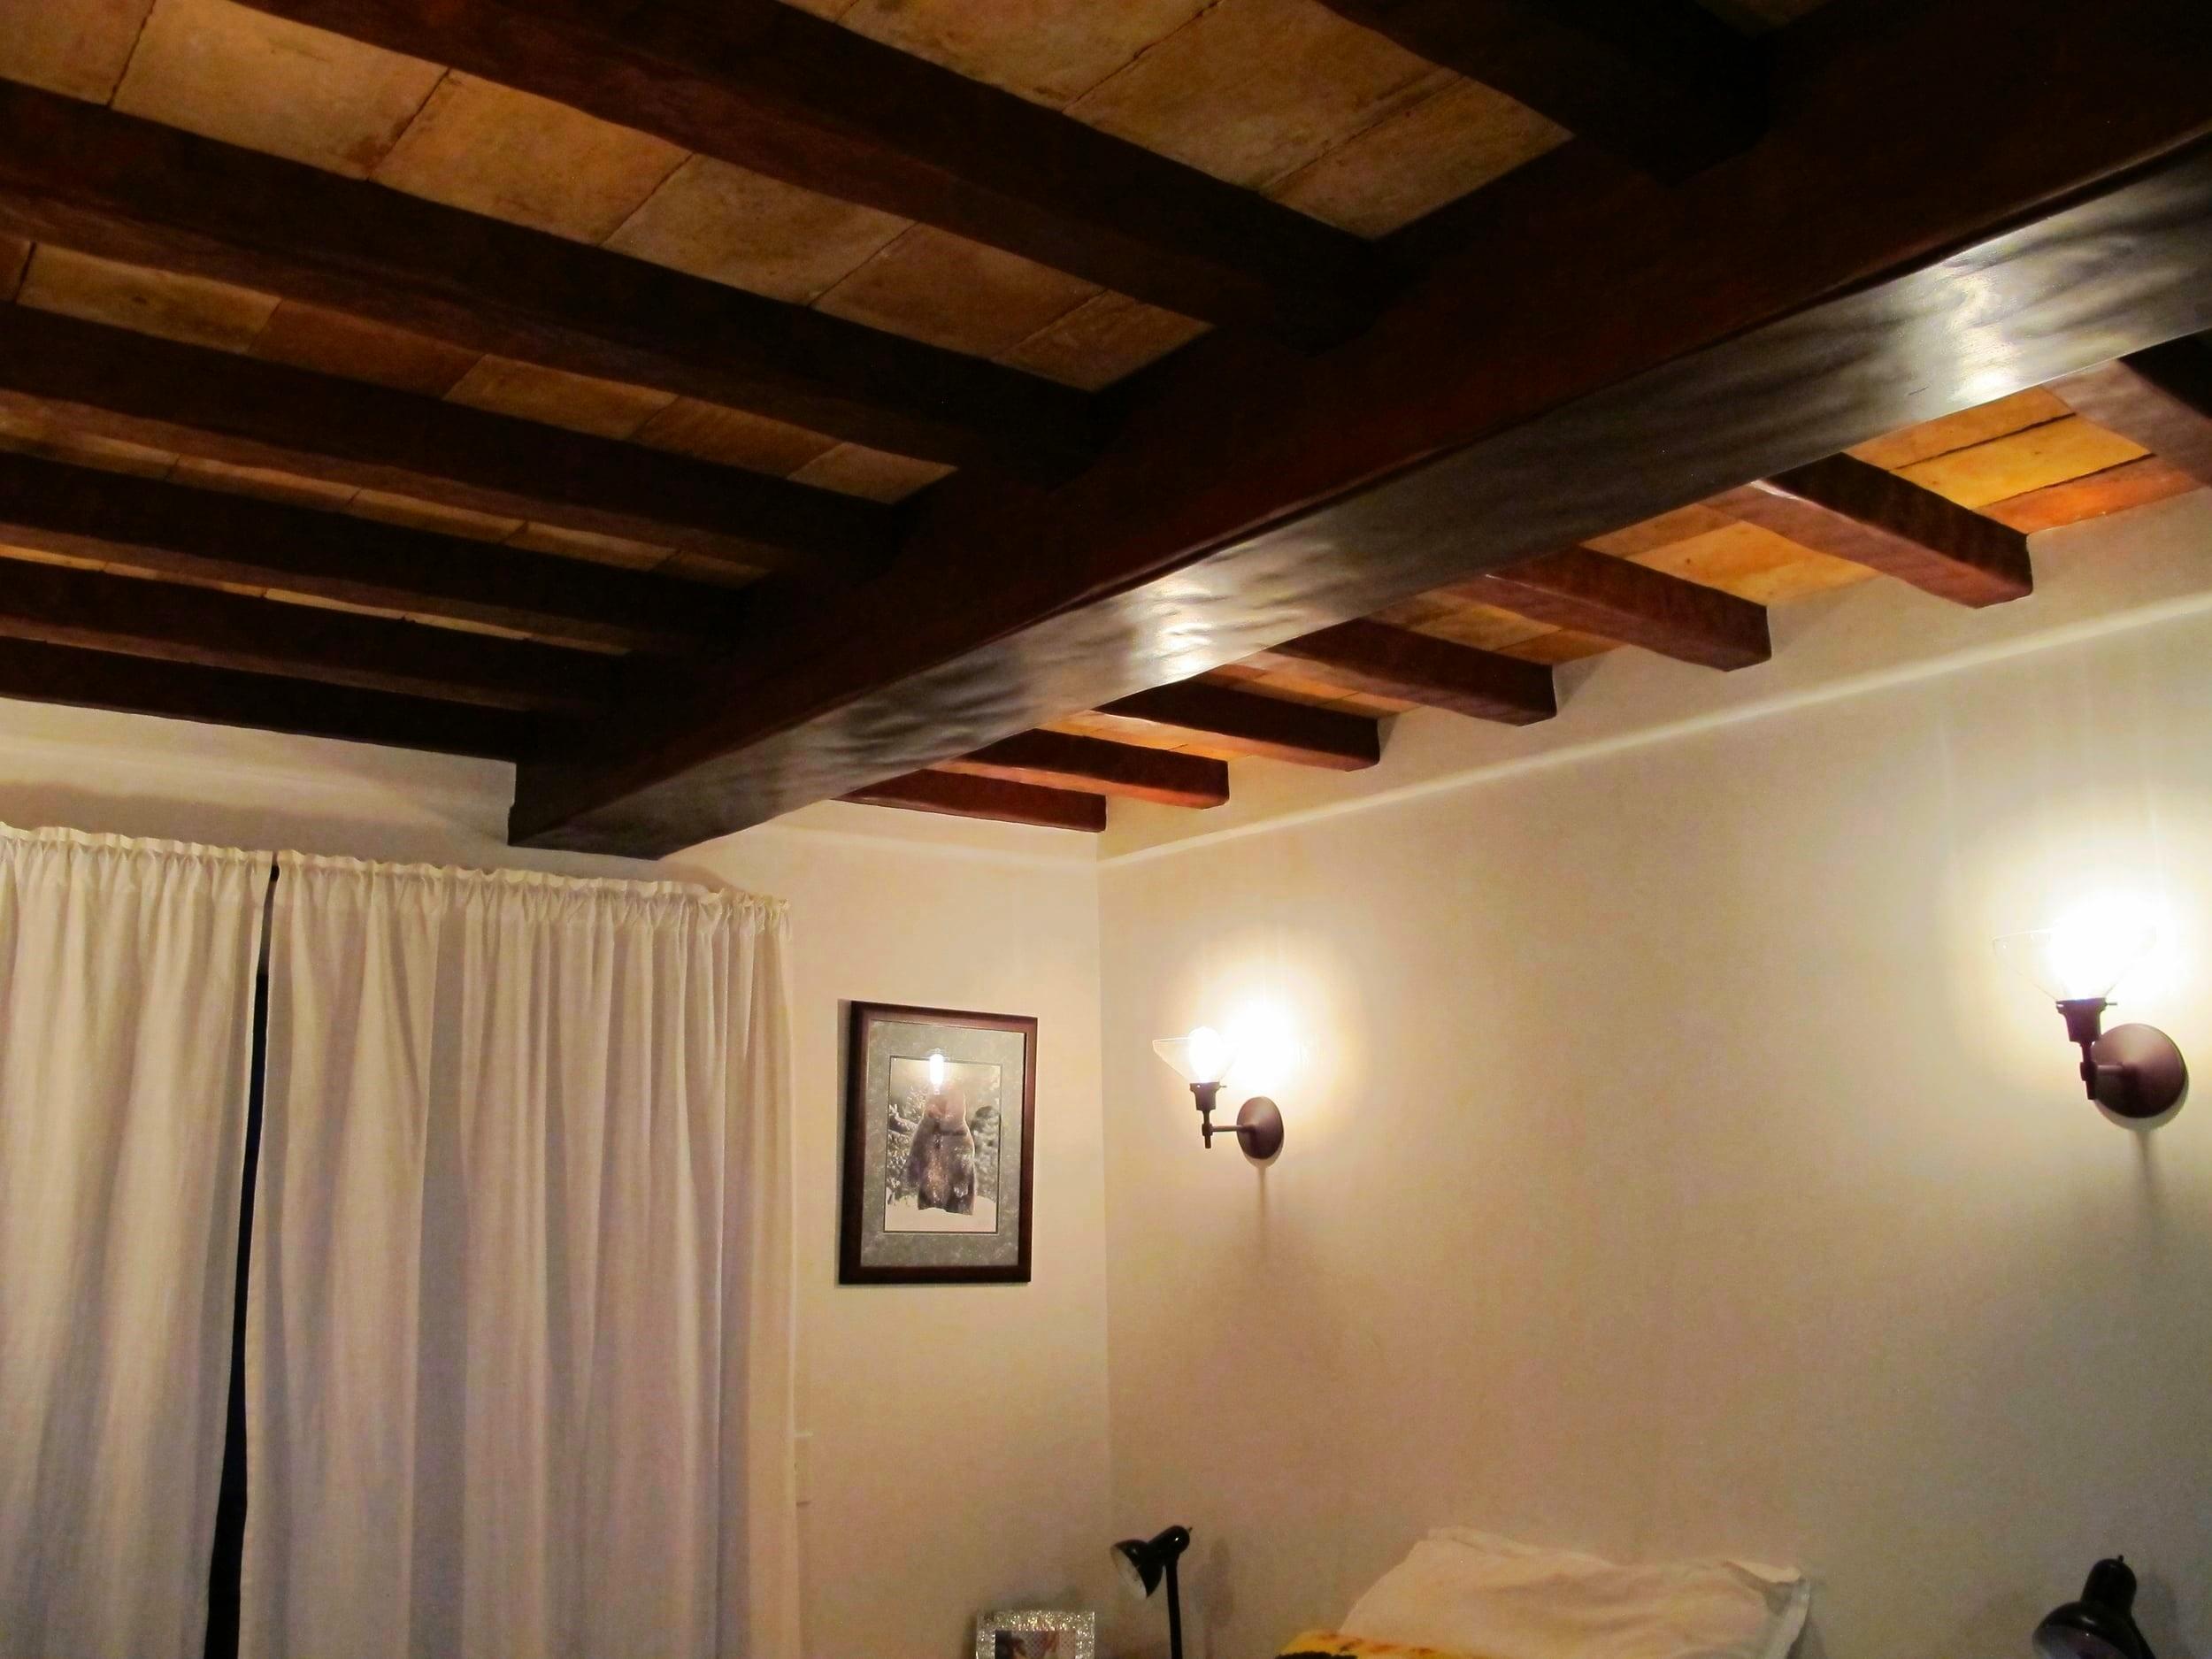 Tile & beam ceilings